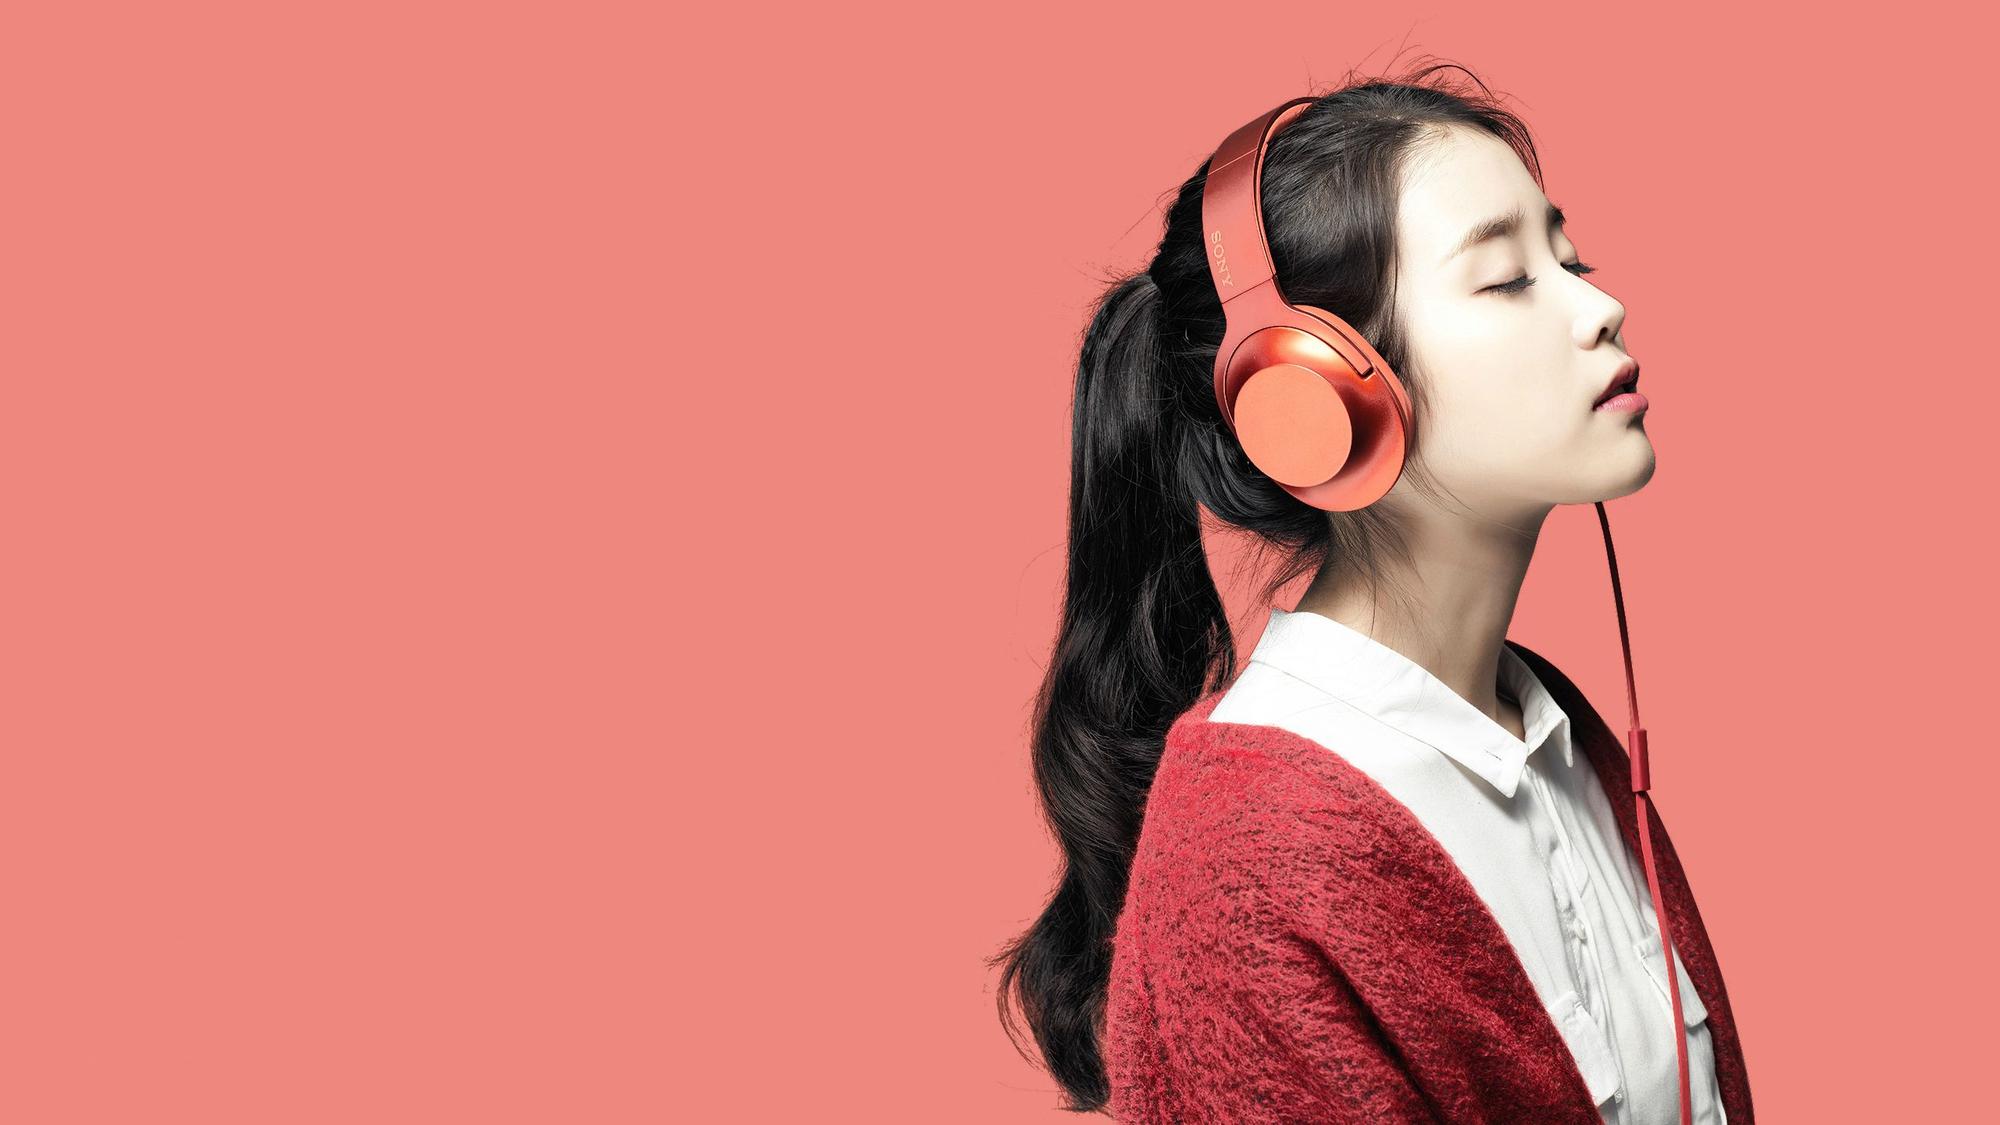 Cắm tai nghe, mở một bài hát rồi bắt đầu đọc nhé